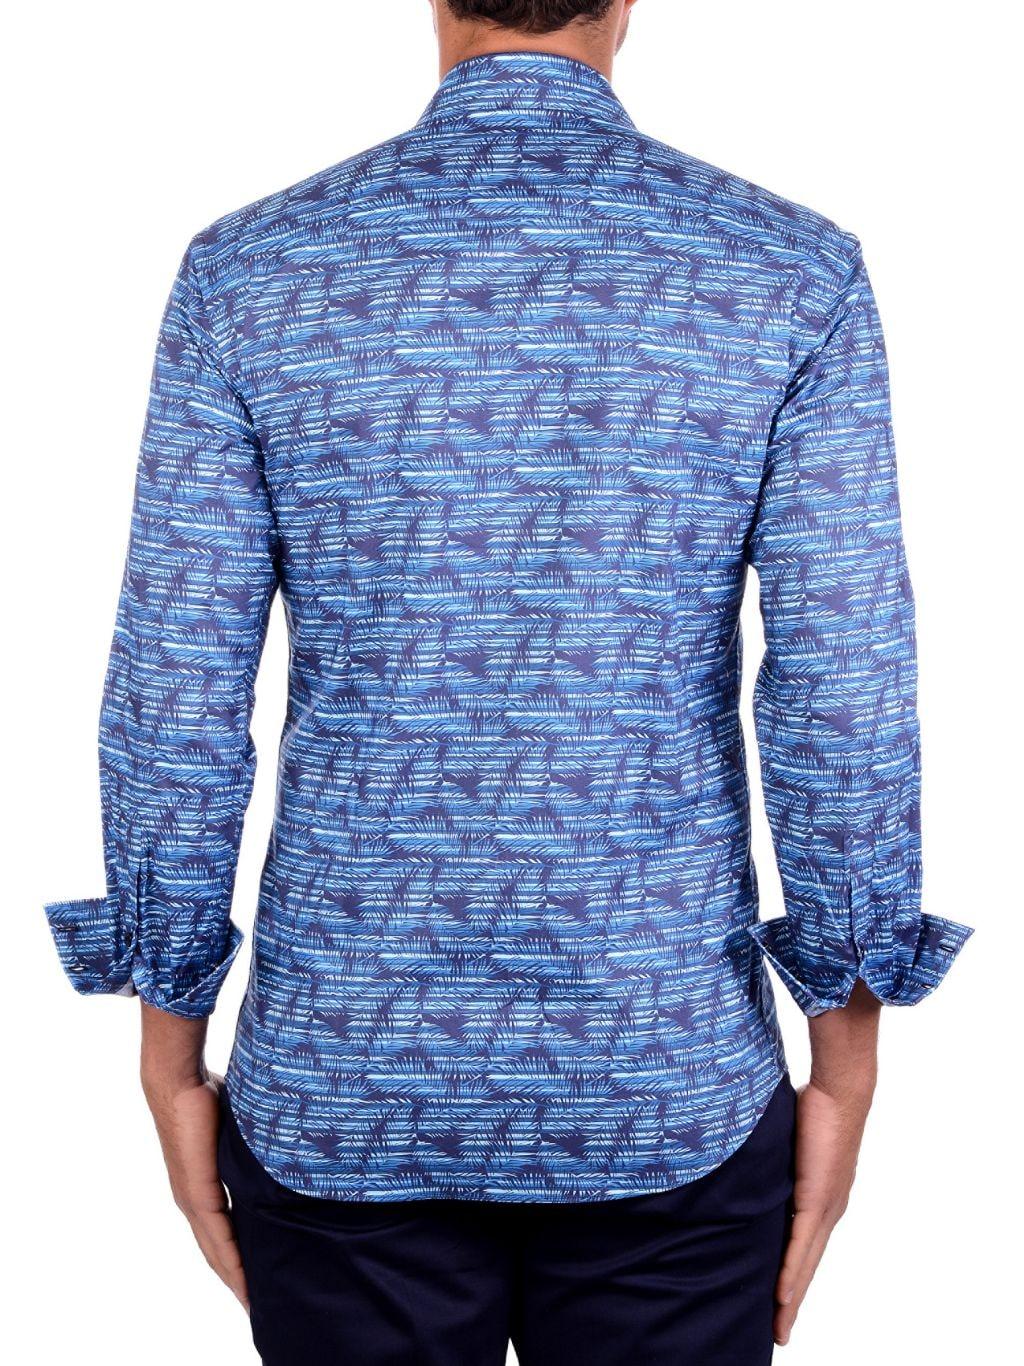 Bertigo Palm Tree Graphic Shirt